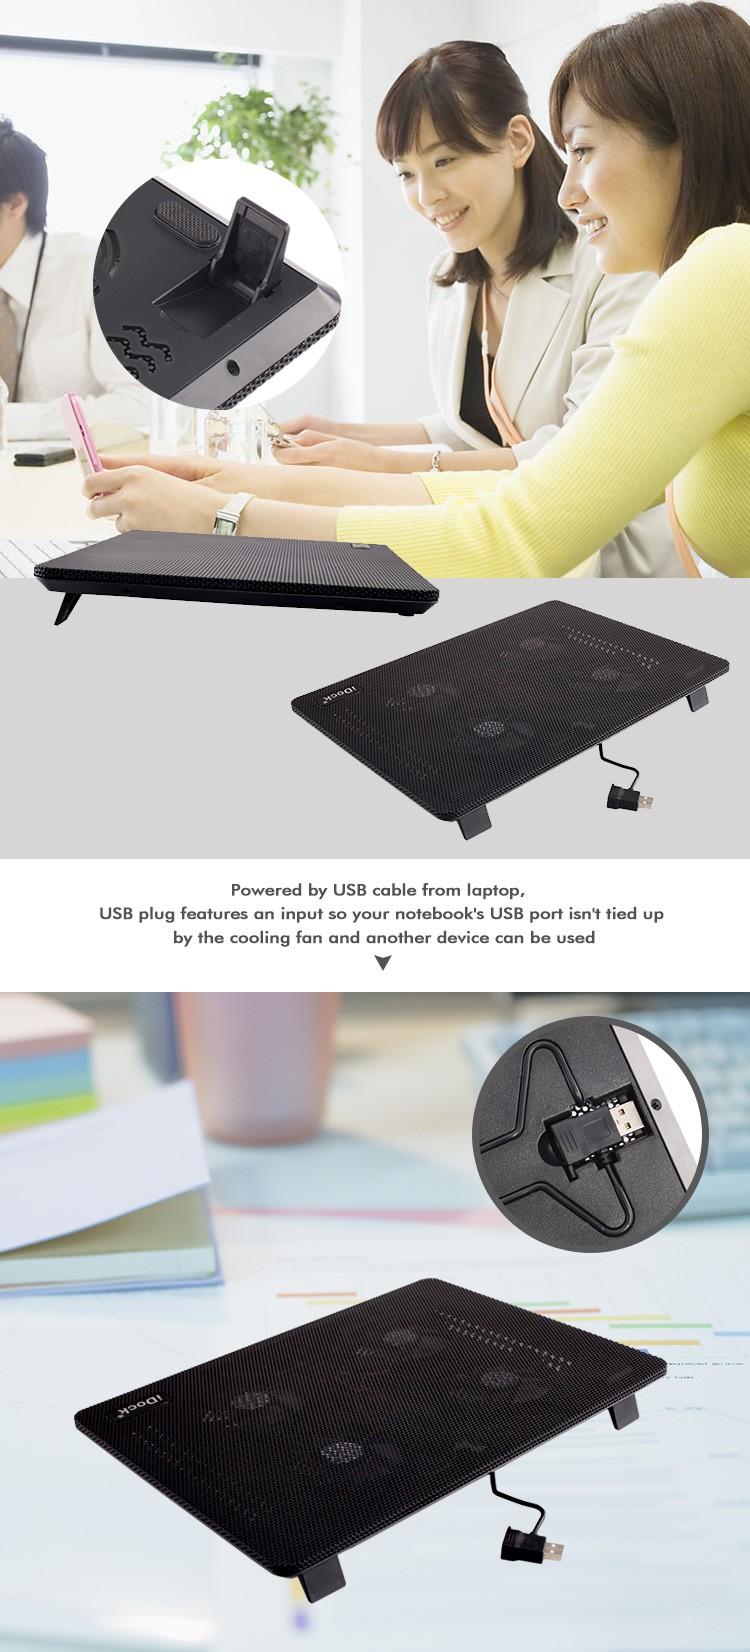 2016 мини 4 usb-вентилятор охлаждения подушки сиденья tablet stand Оптовая продажа, изготовление, производство